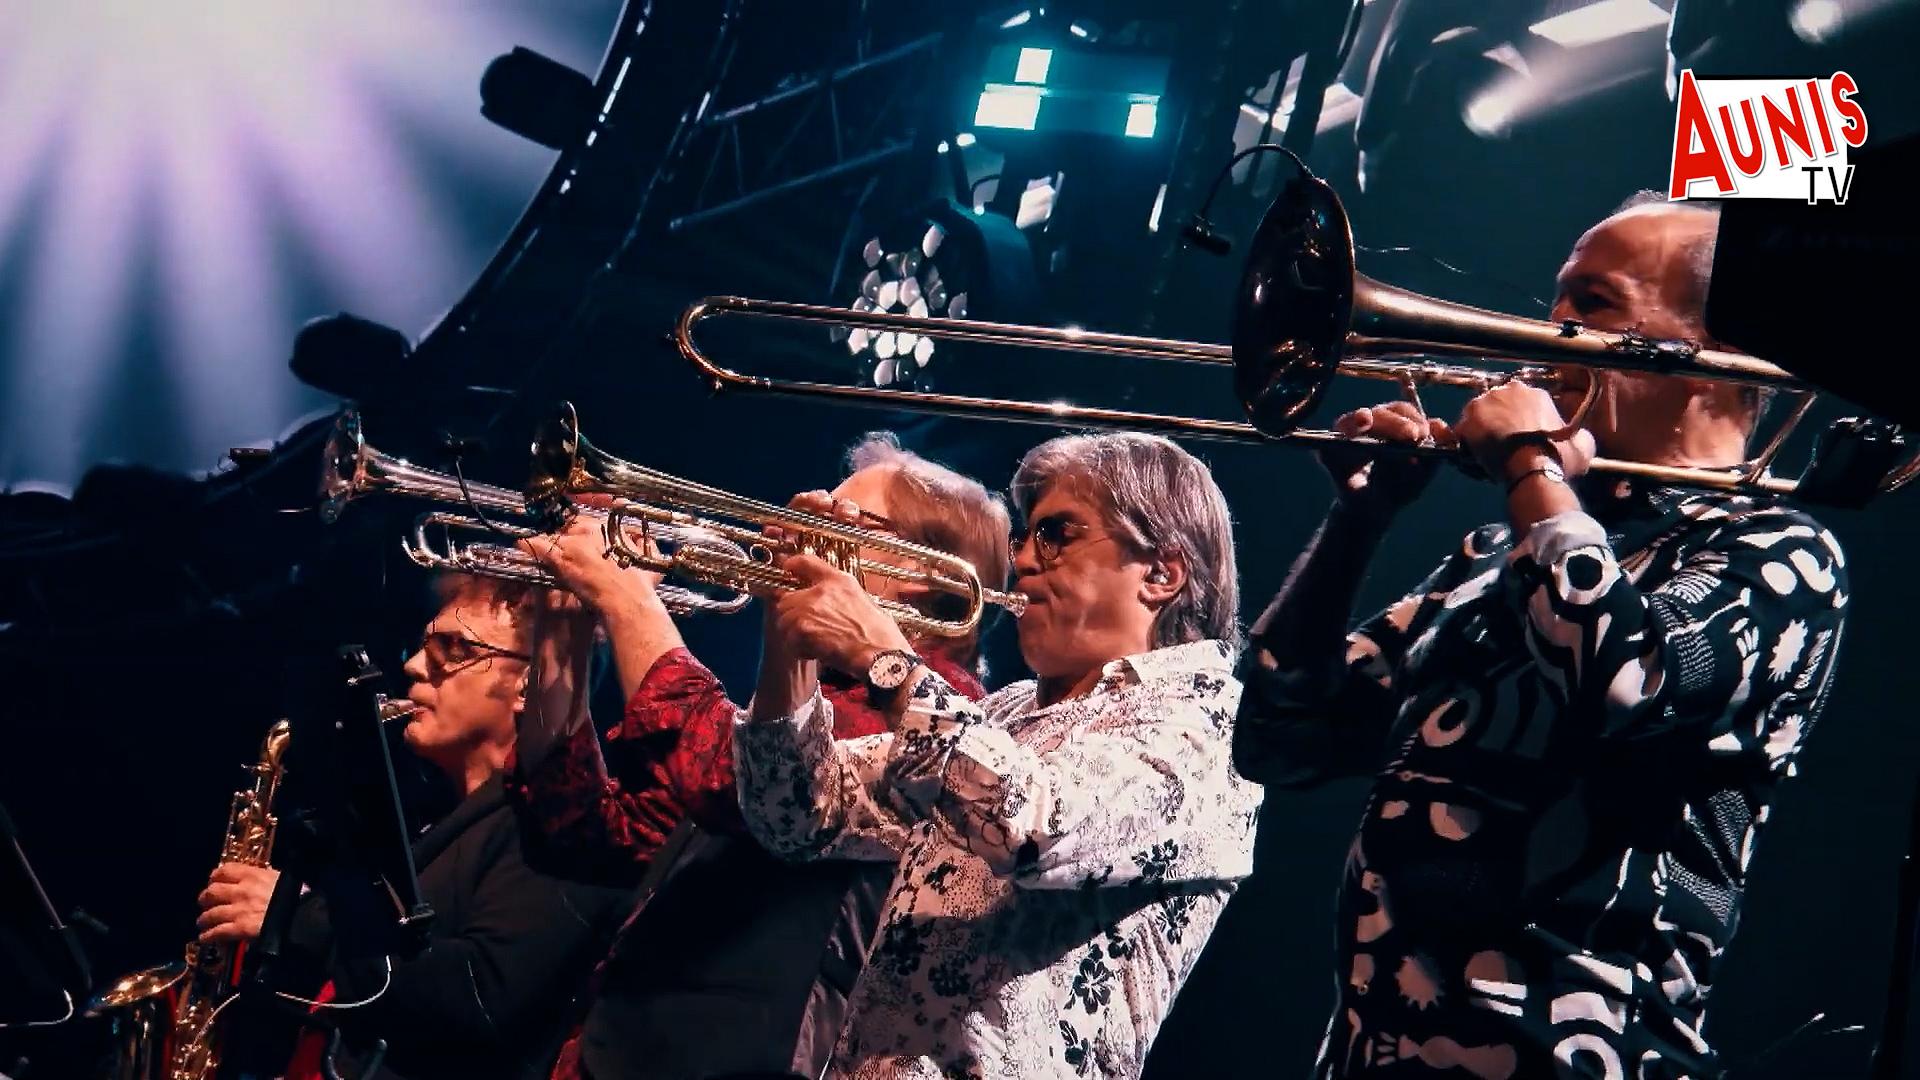 Brass Festival Surgères AUNISTV